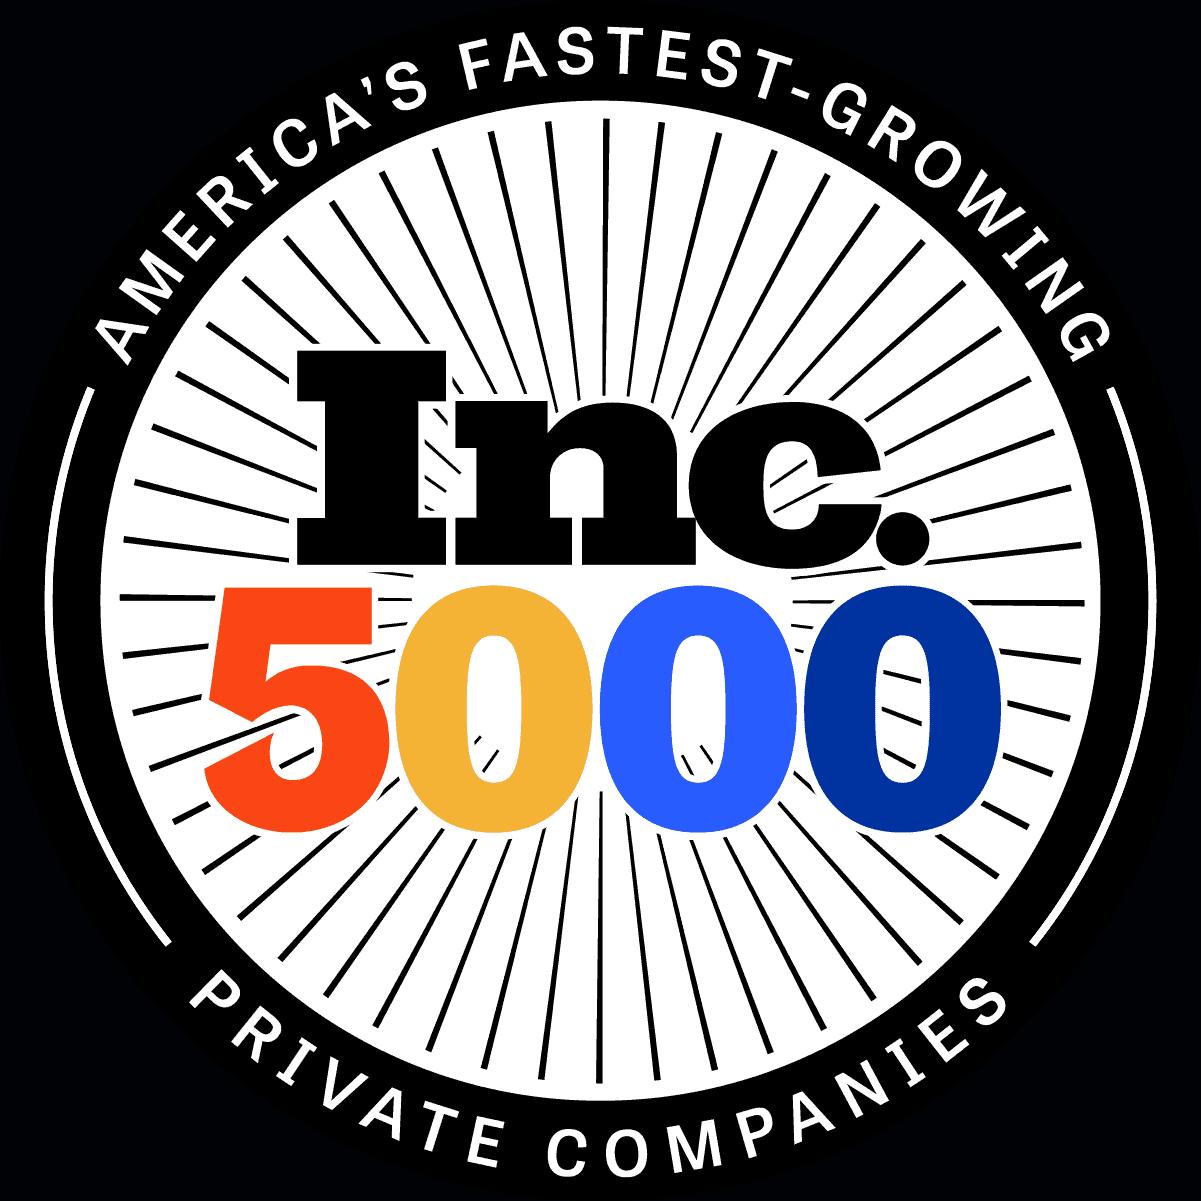 Exacom Inc. 5000 company